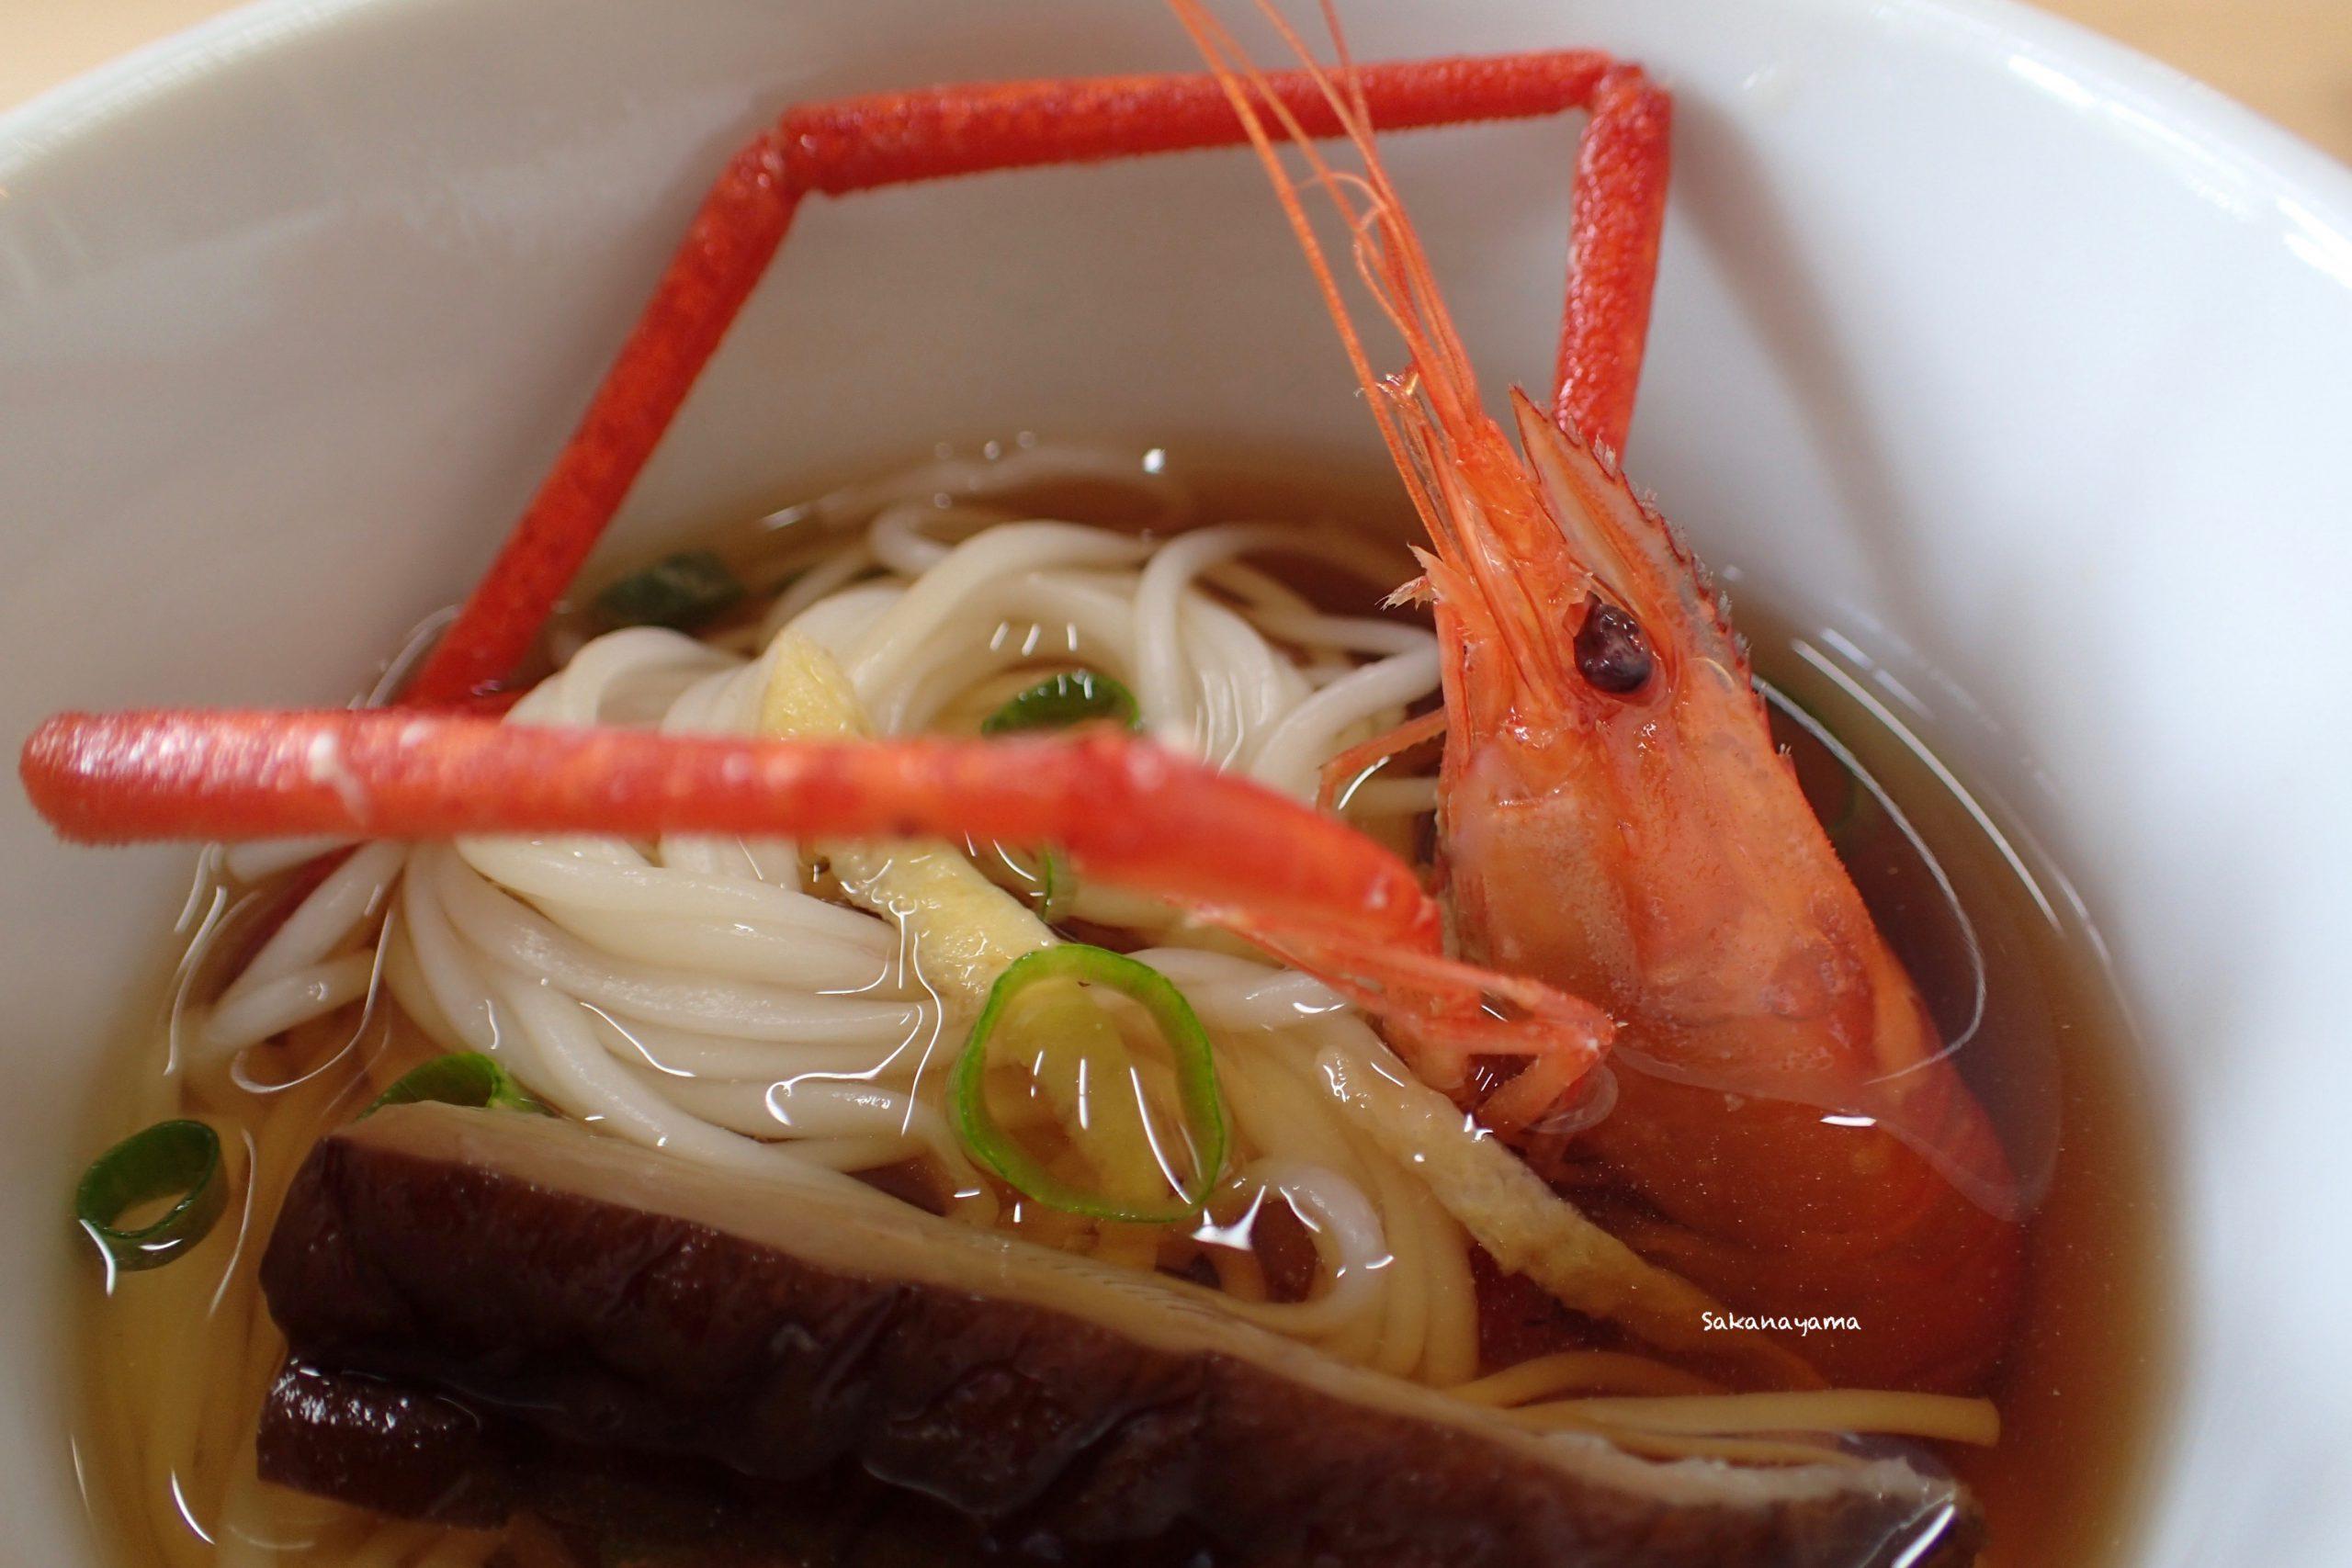 原木椎茸とミナミテナガエビを使った素麺